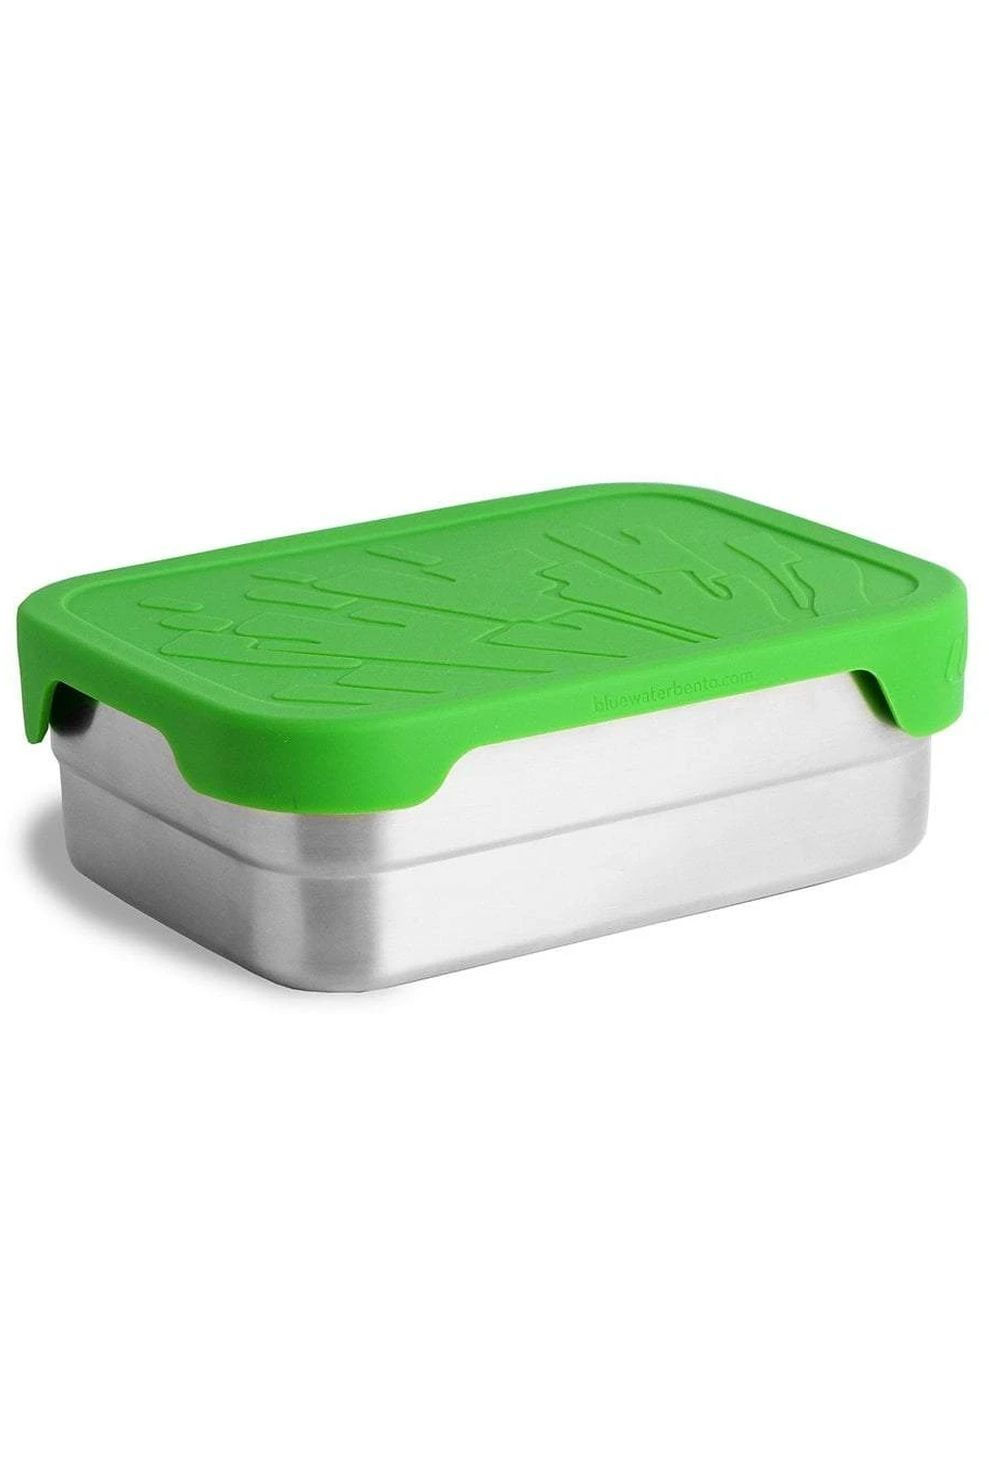 Ecolunchbox Voorraadpot Splash Box XL - Groen/Grijs